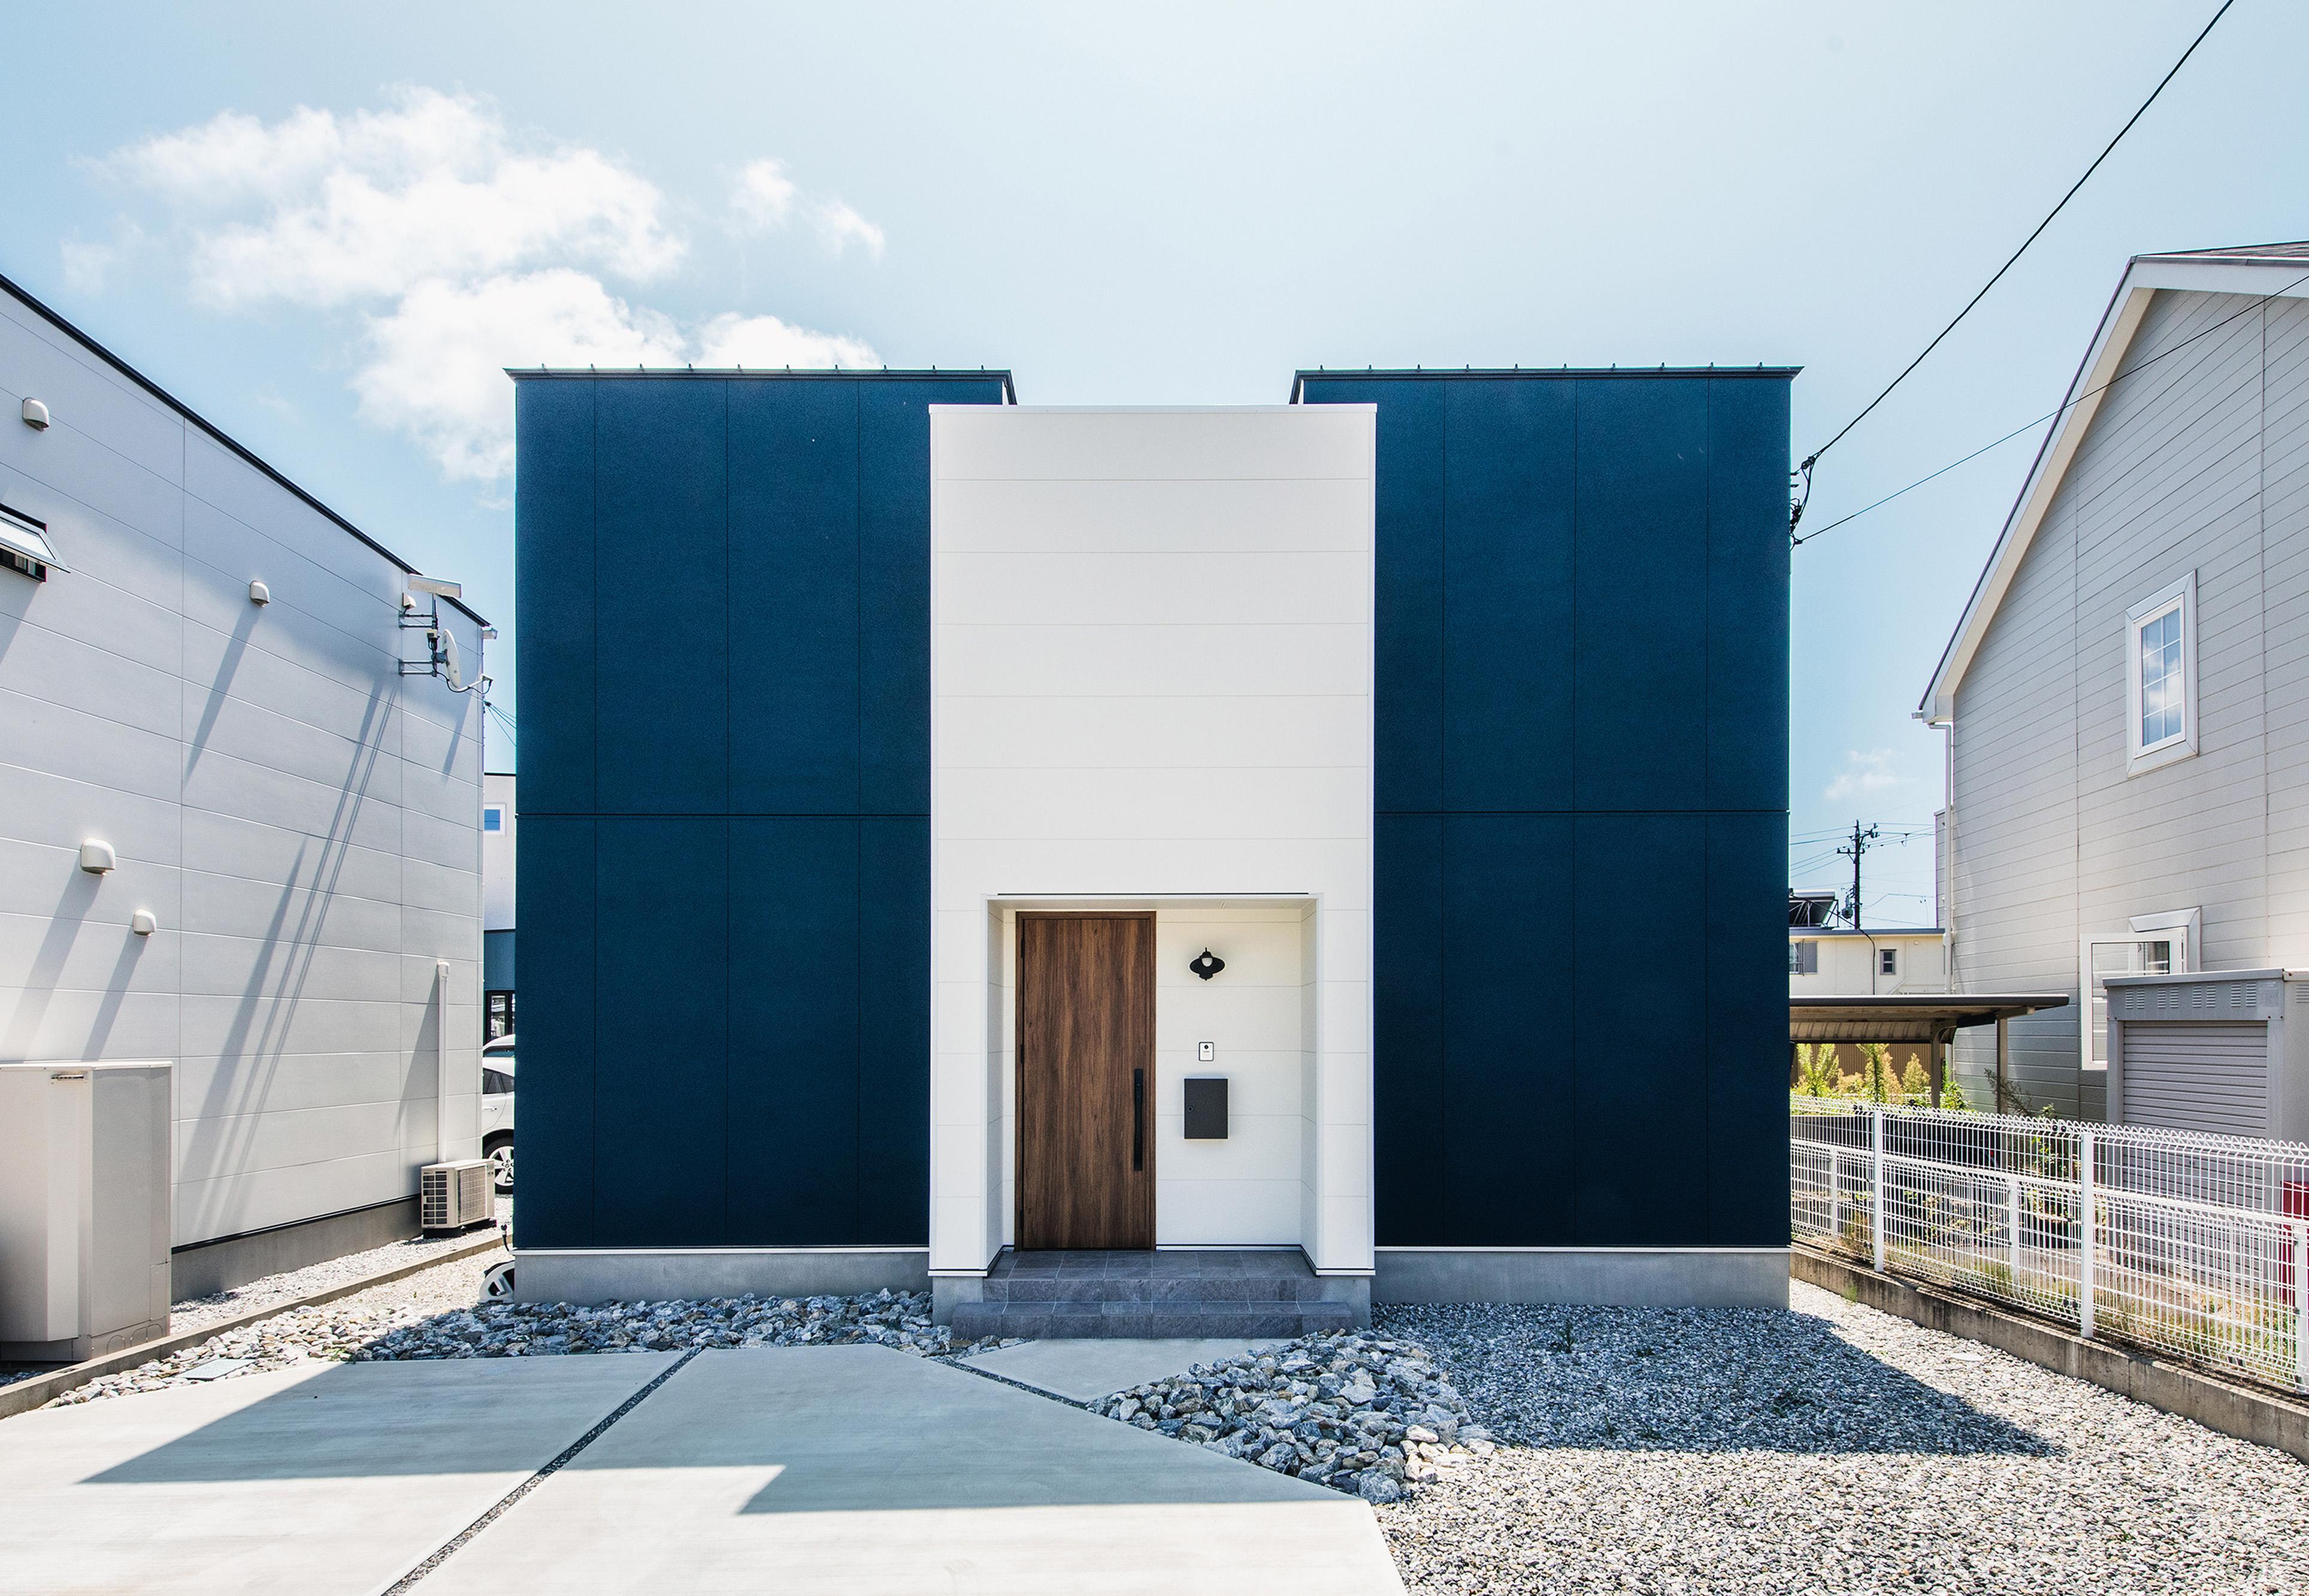 R+house藤枝(西遠建設)【1000万円台、趣味、建築家】白×ネイビーのコンビネーションが爽やかなキューブ型の2階建て。白い外壁の奥にバルコニーがあり、道路側の視線を遮ってプライベートなアウトドア空間を確保